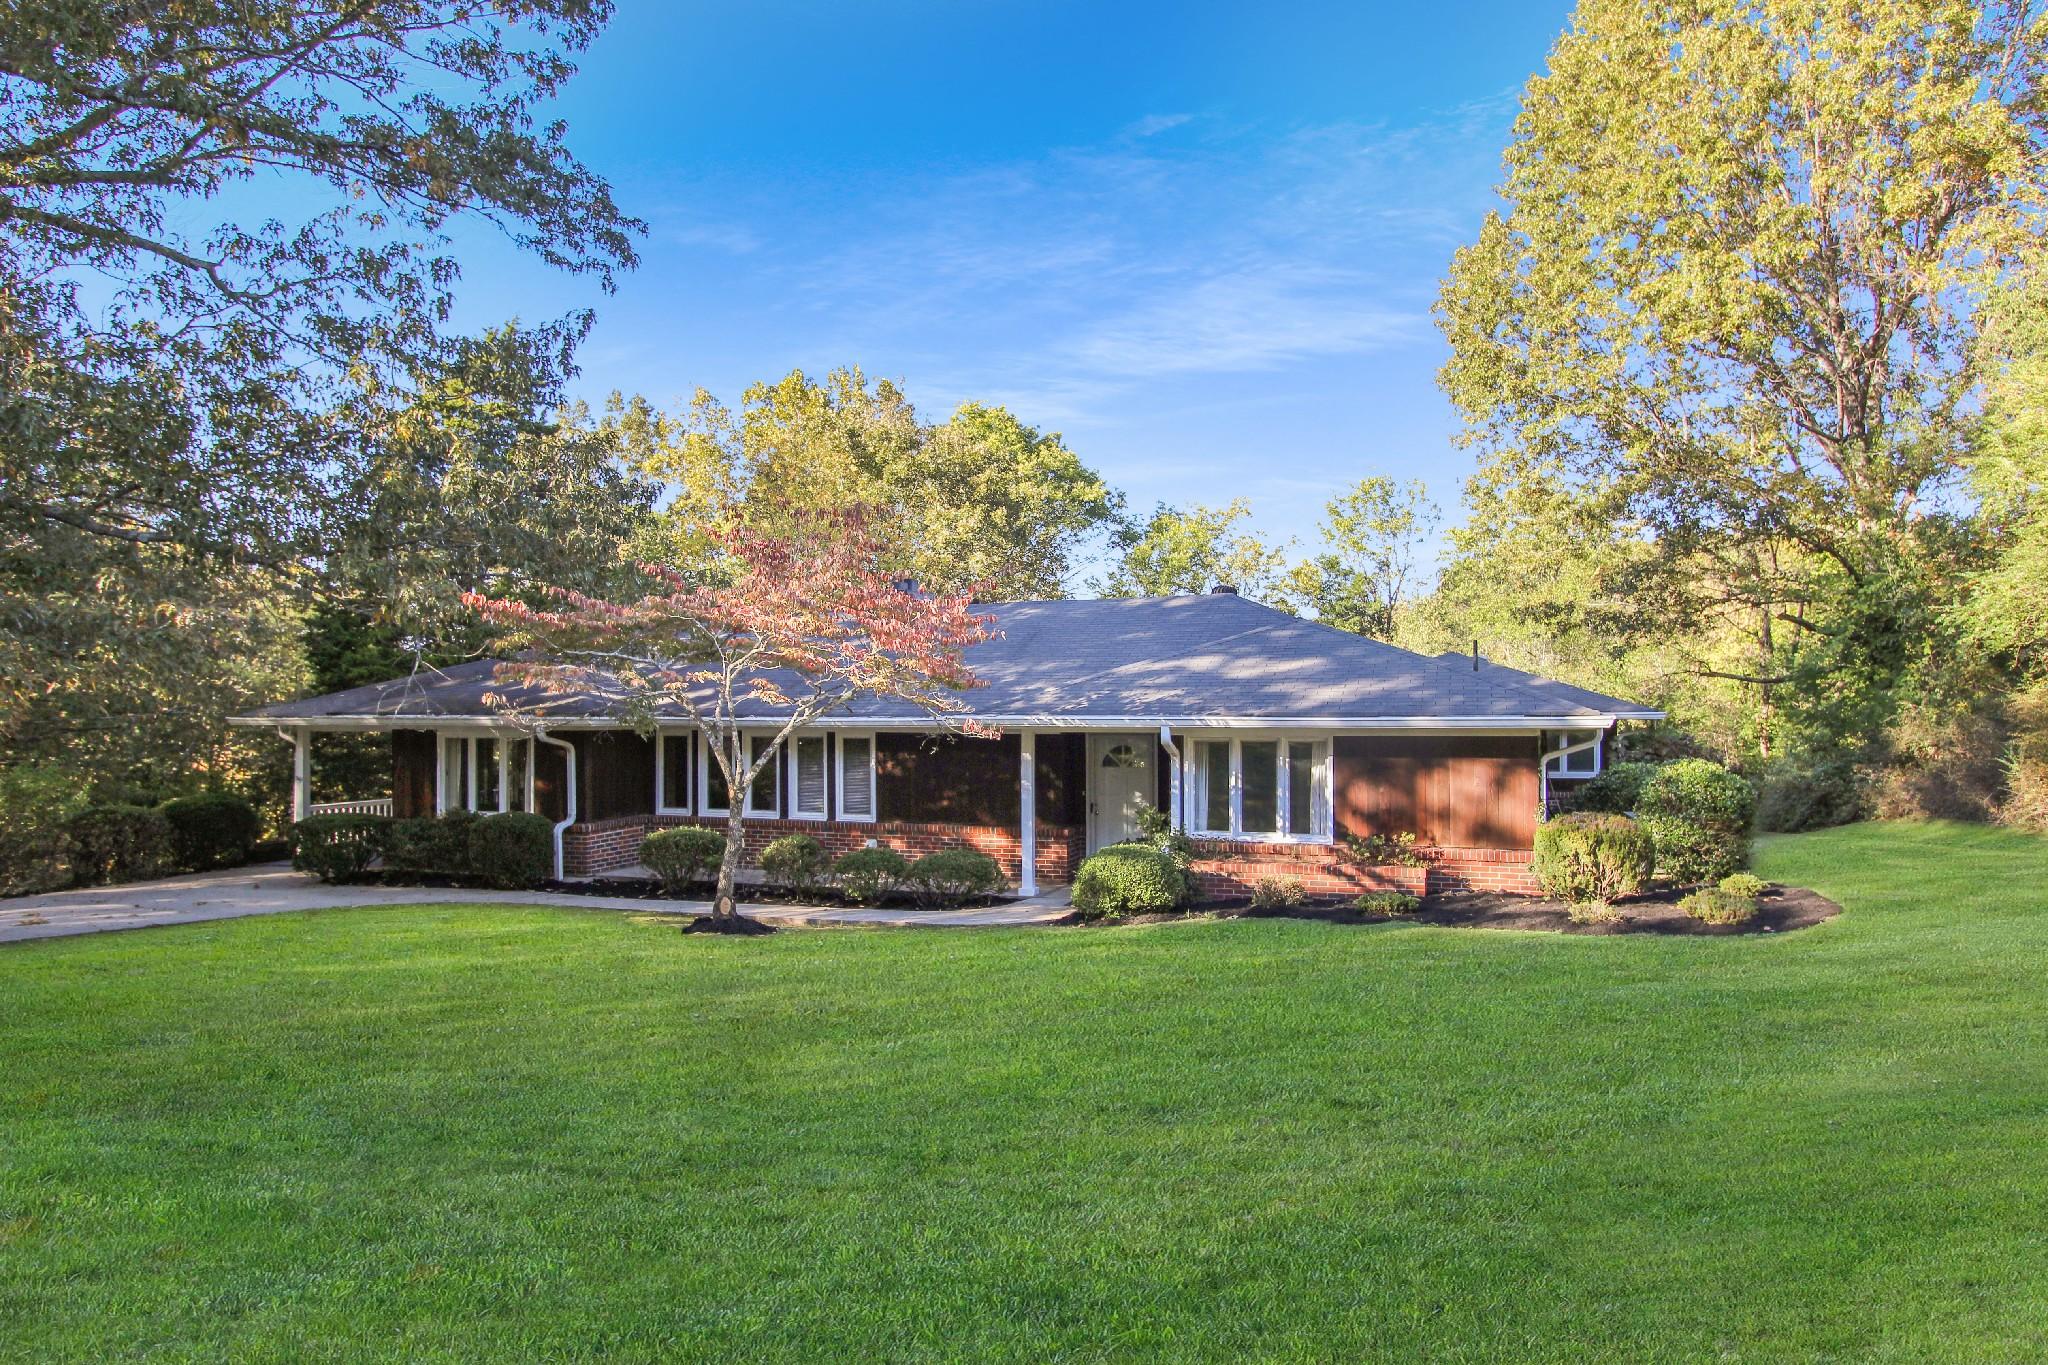 129 Knob Hill Rd, Dover, TN 37058 - Dover, TN real estate listing